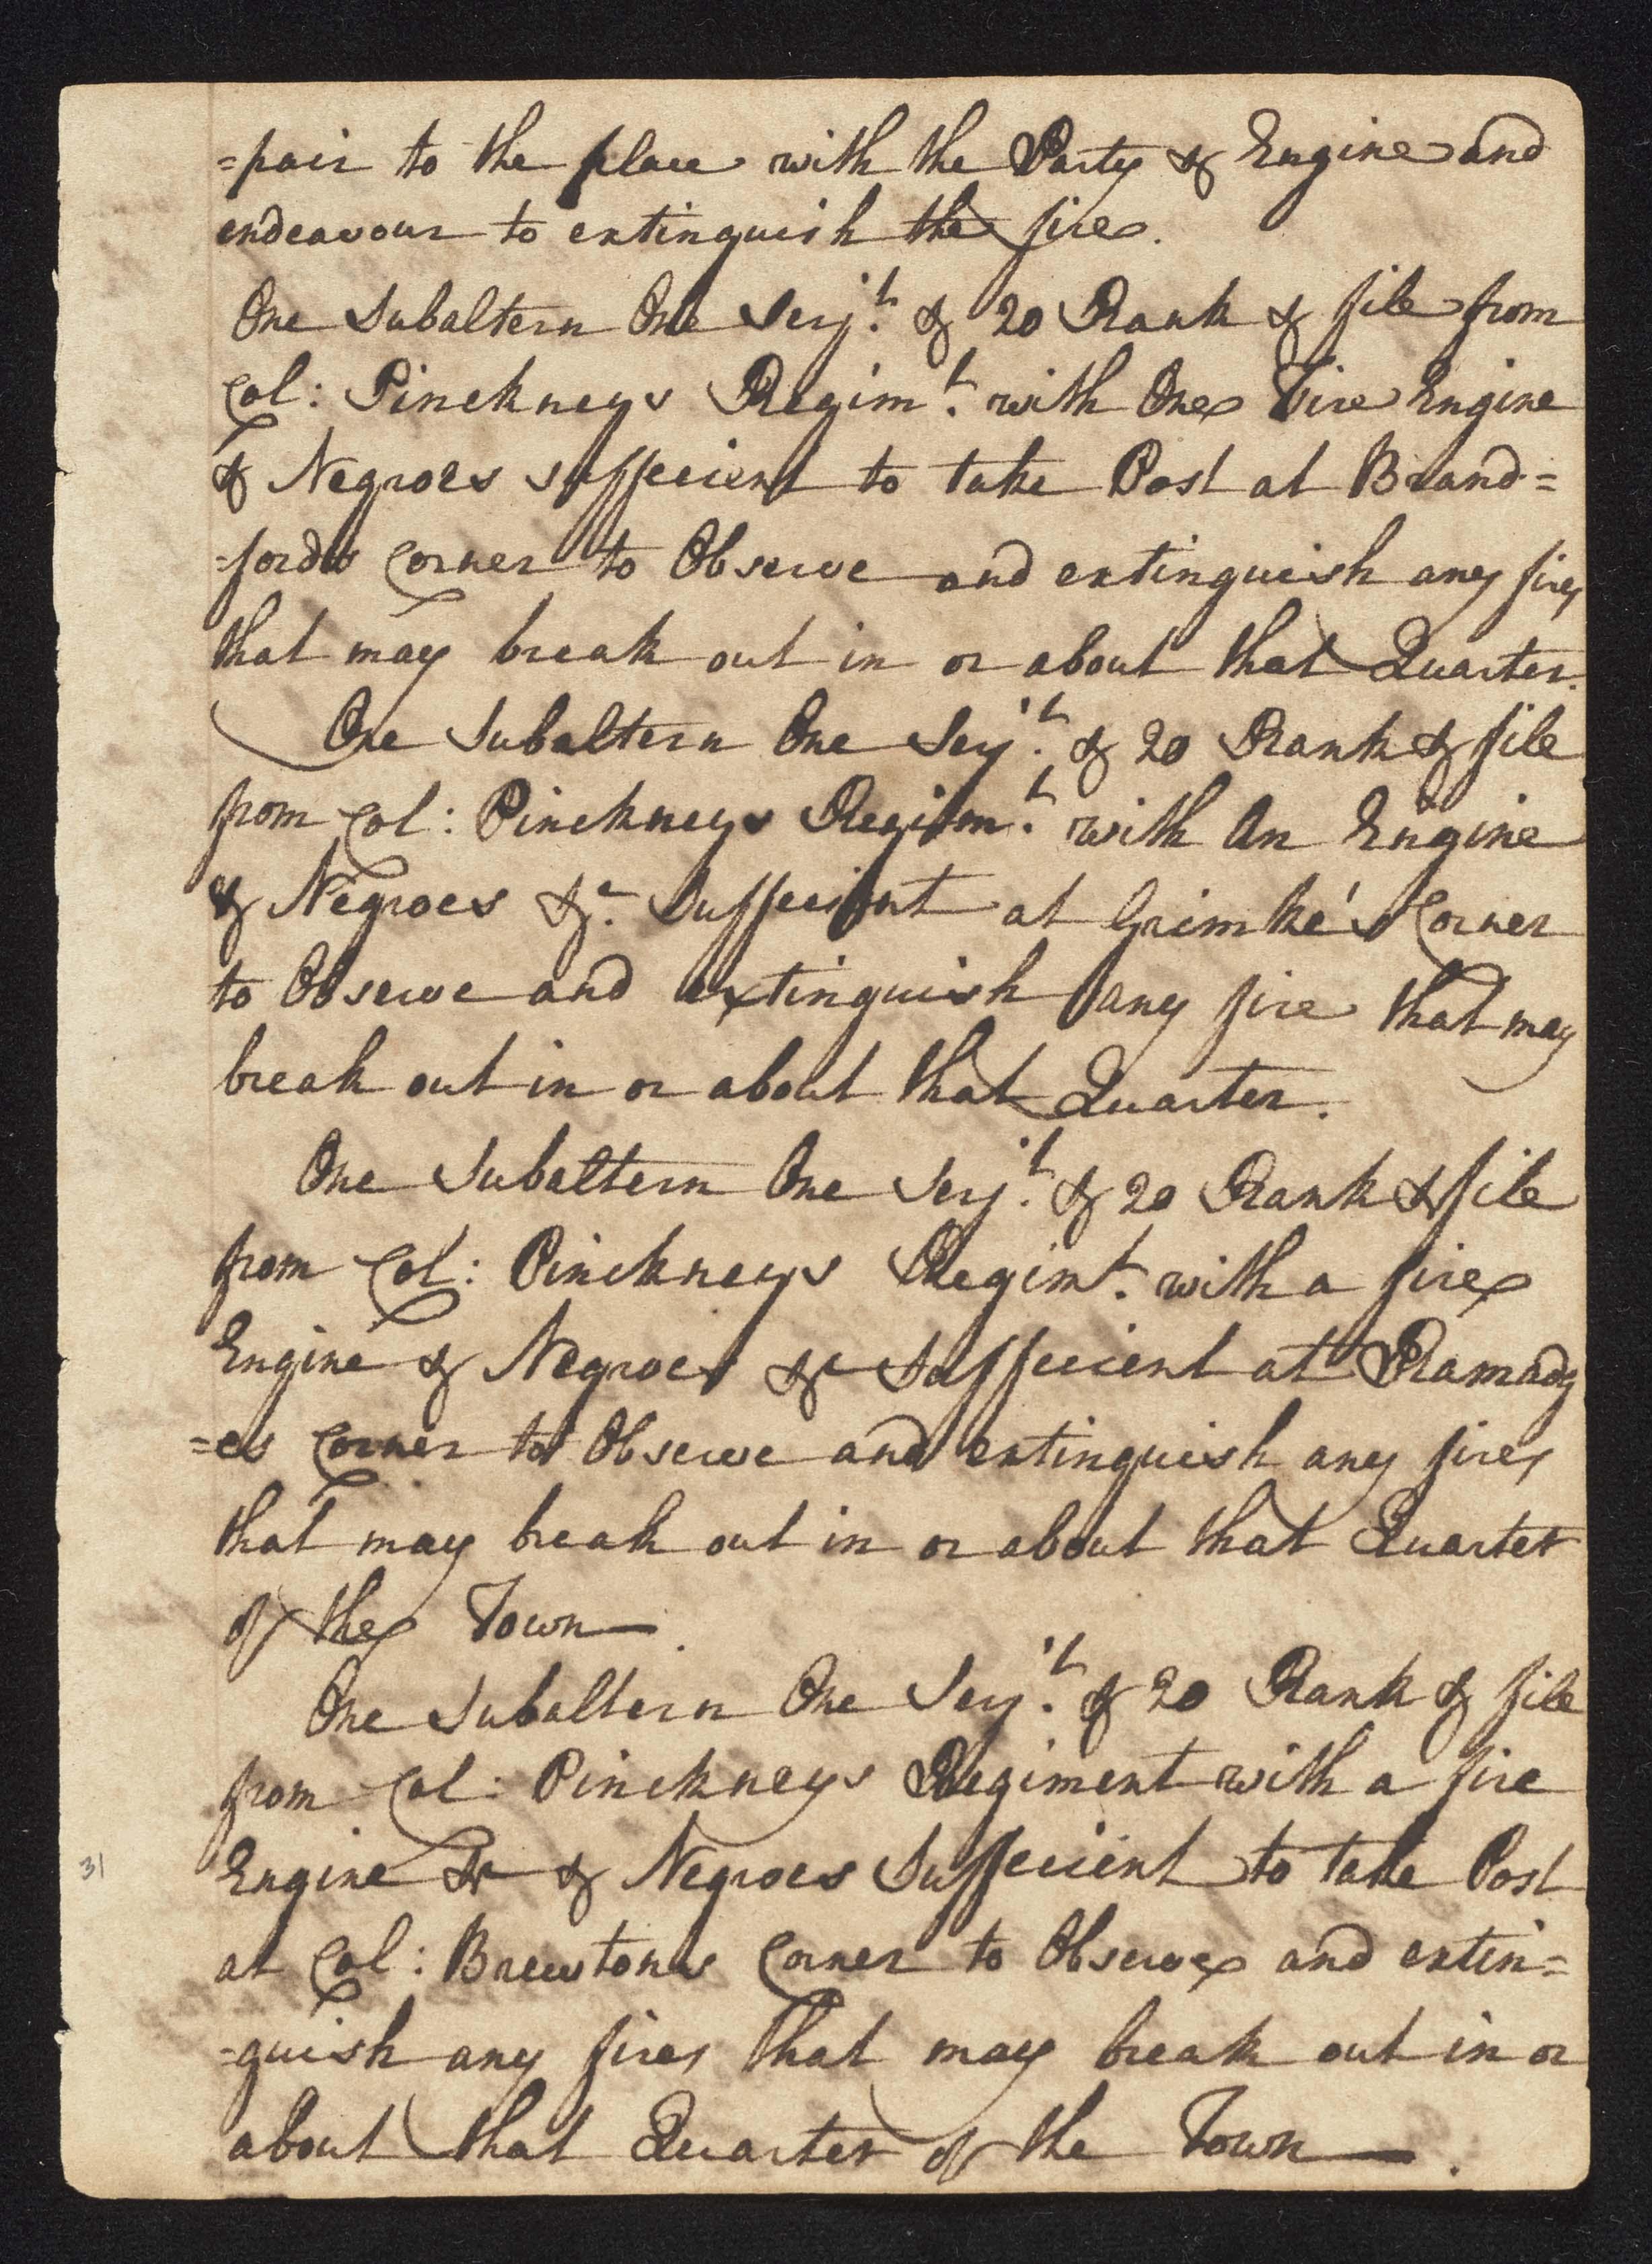 South Carolina Regiment Order Book, Page 61